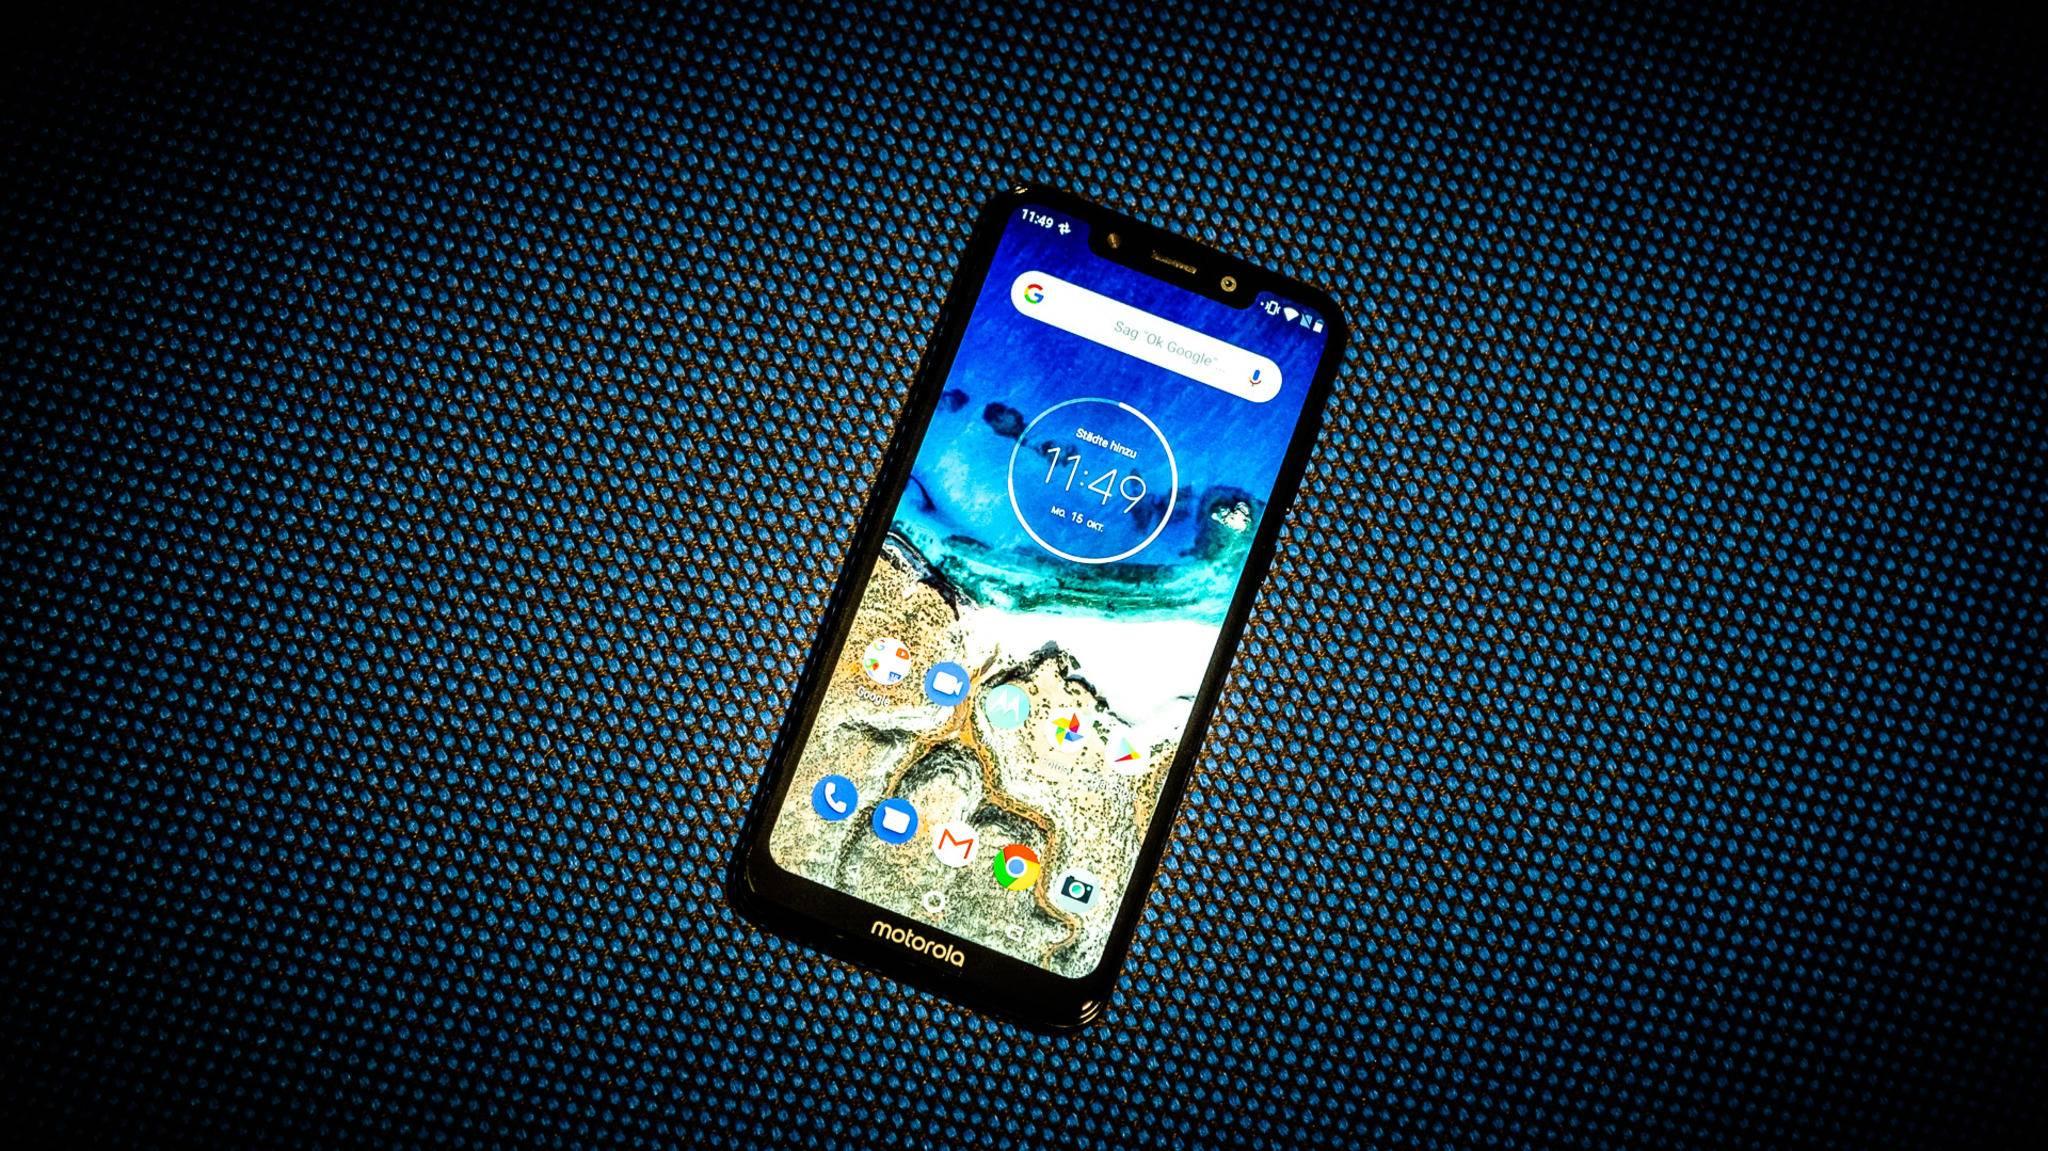 Das Motorola One bietet die pure Android-Erfahrung.